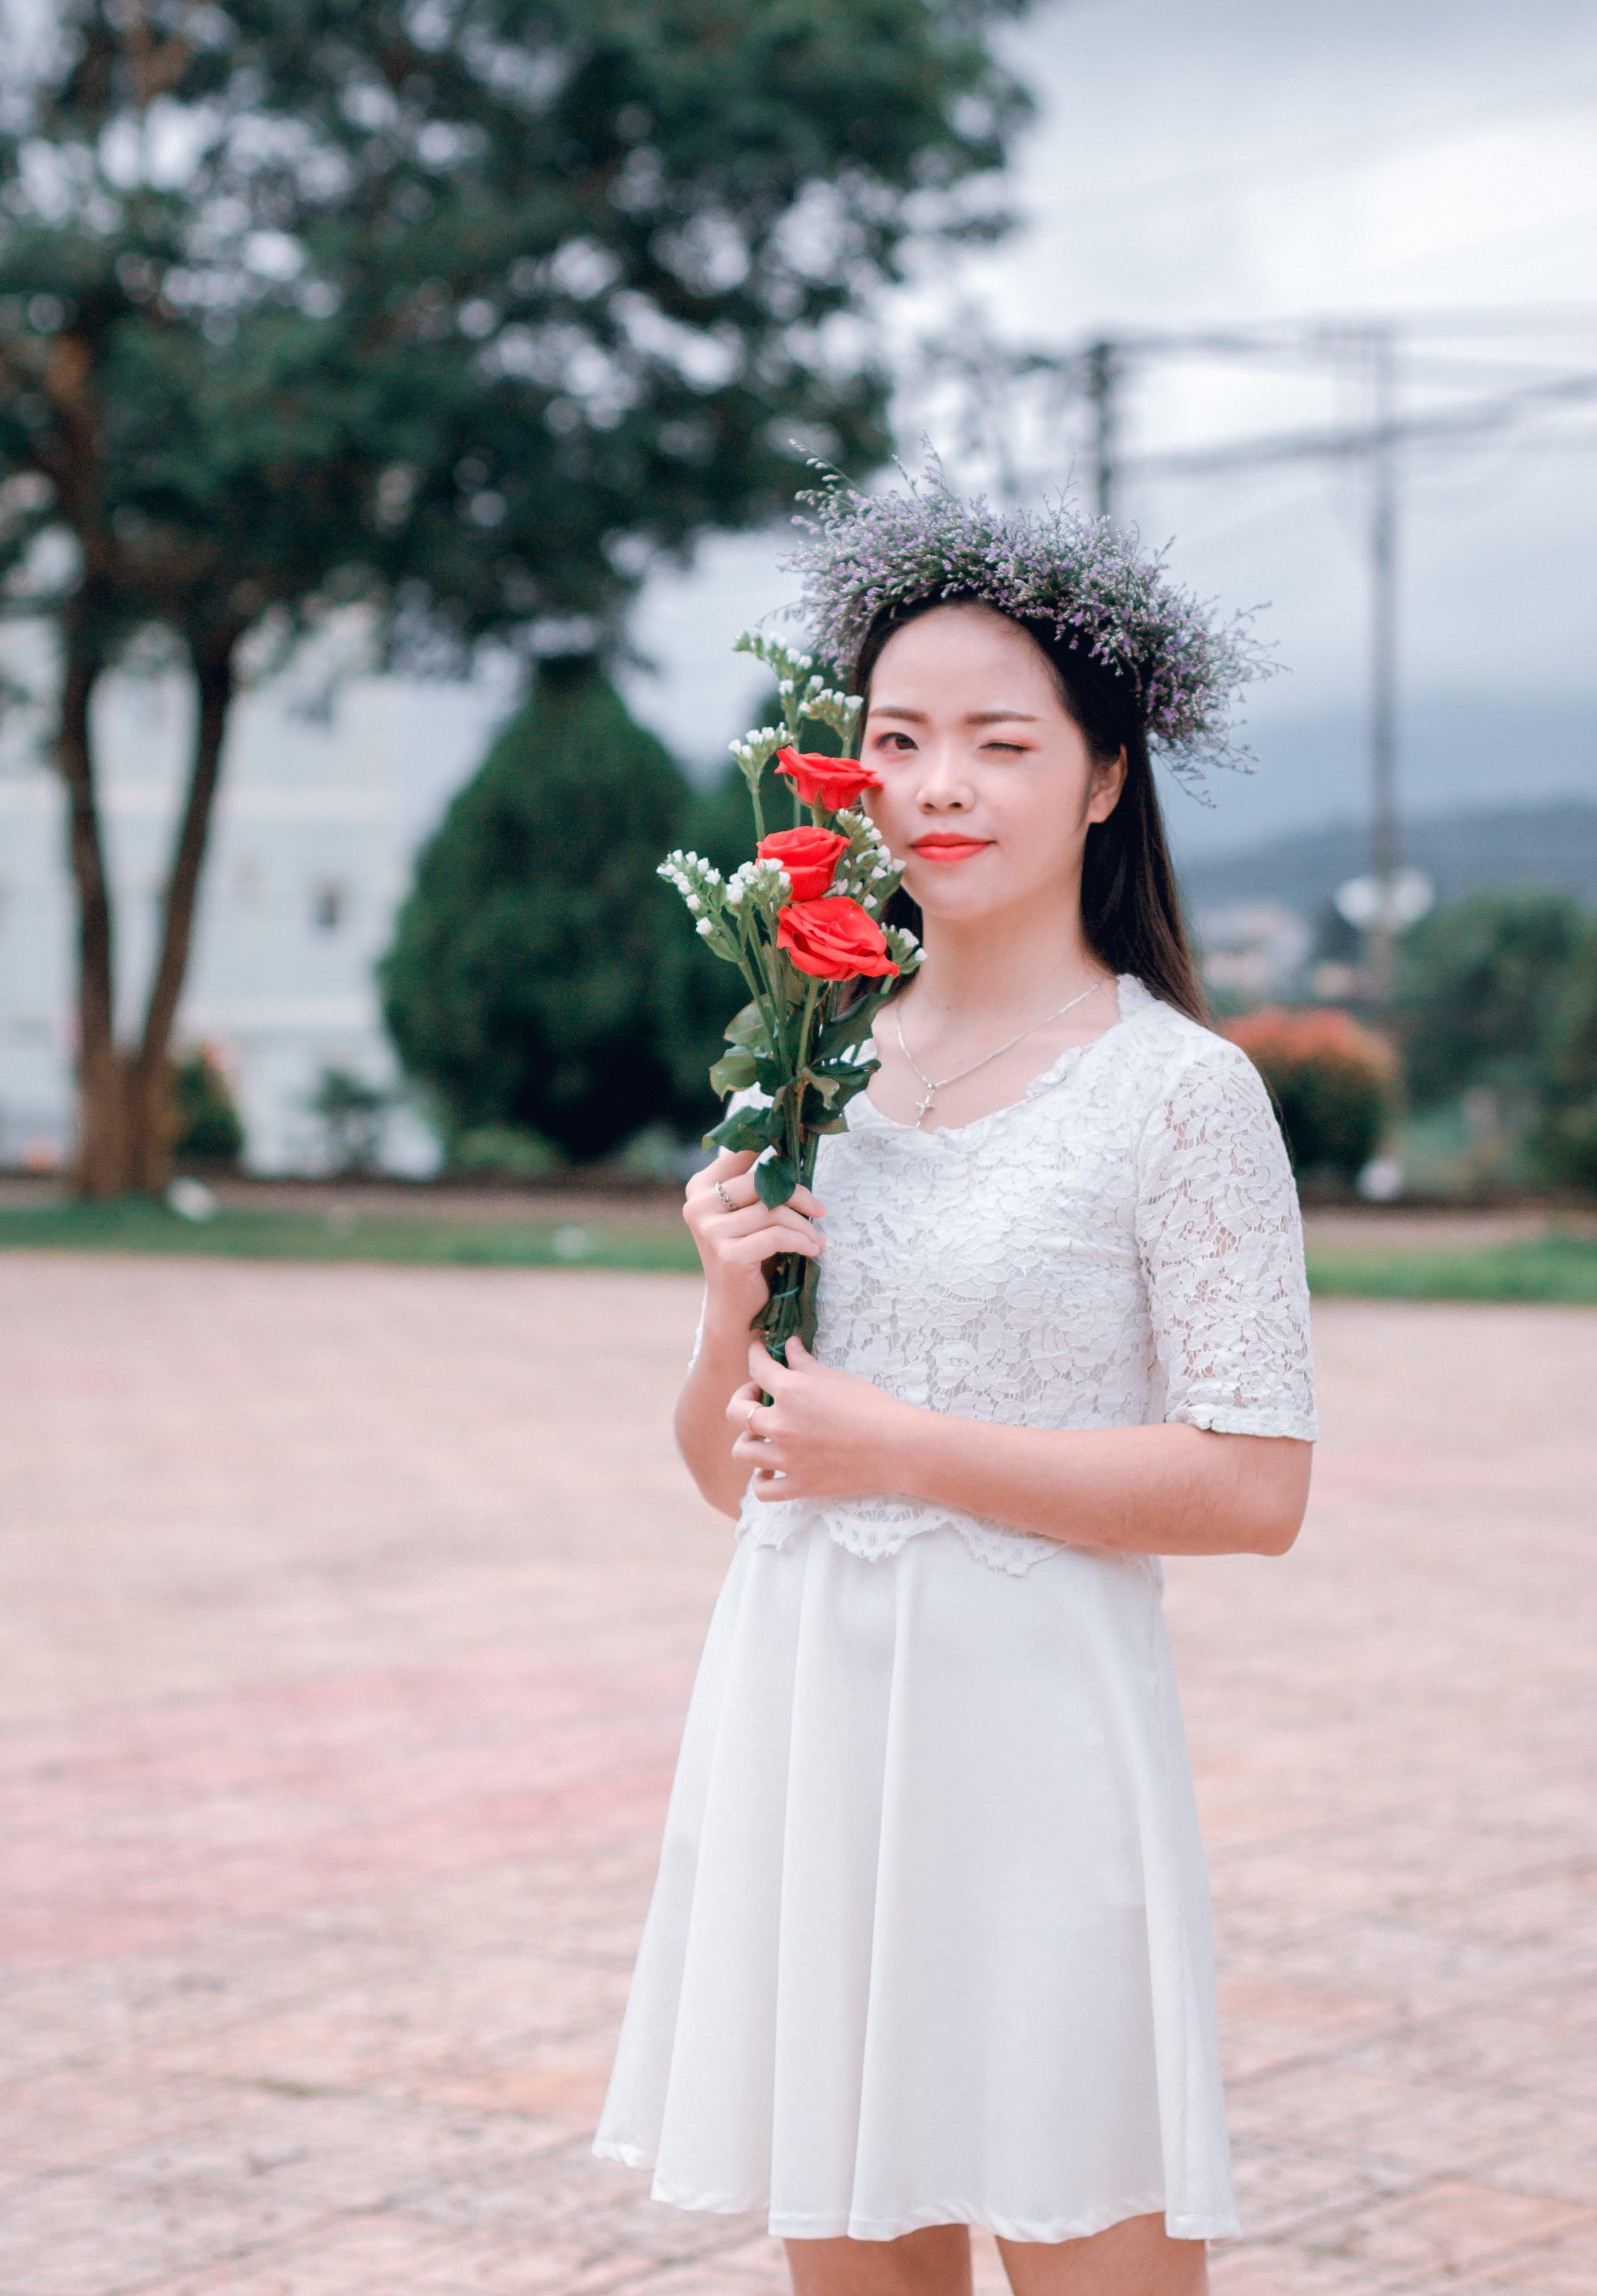 Free stock photo of girl, dress, flower, rose